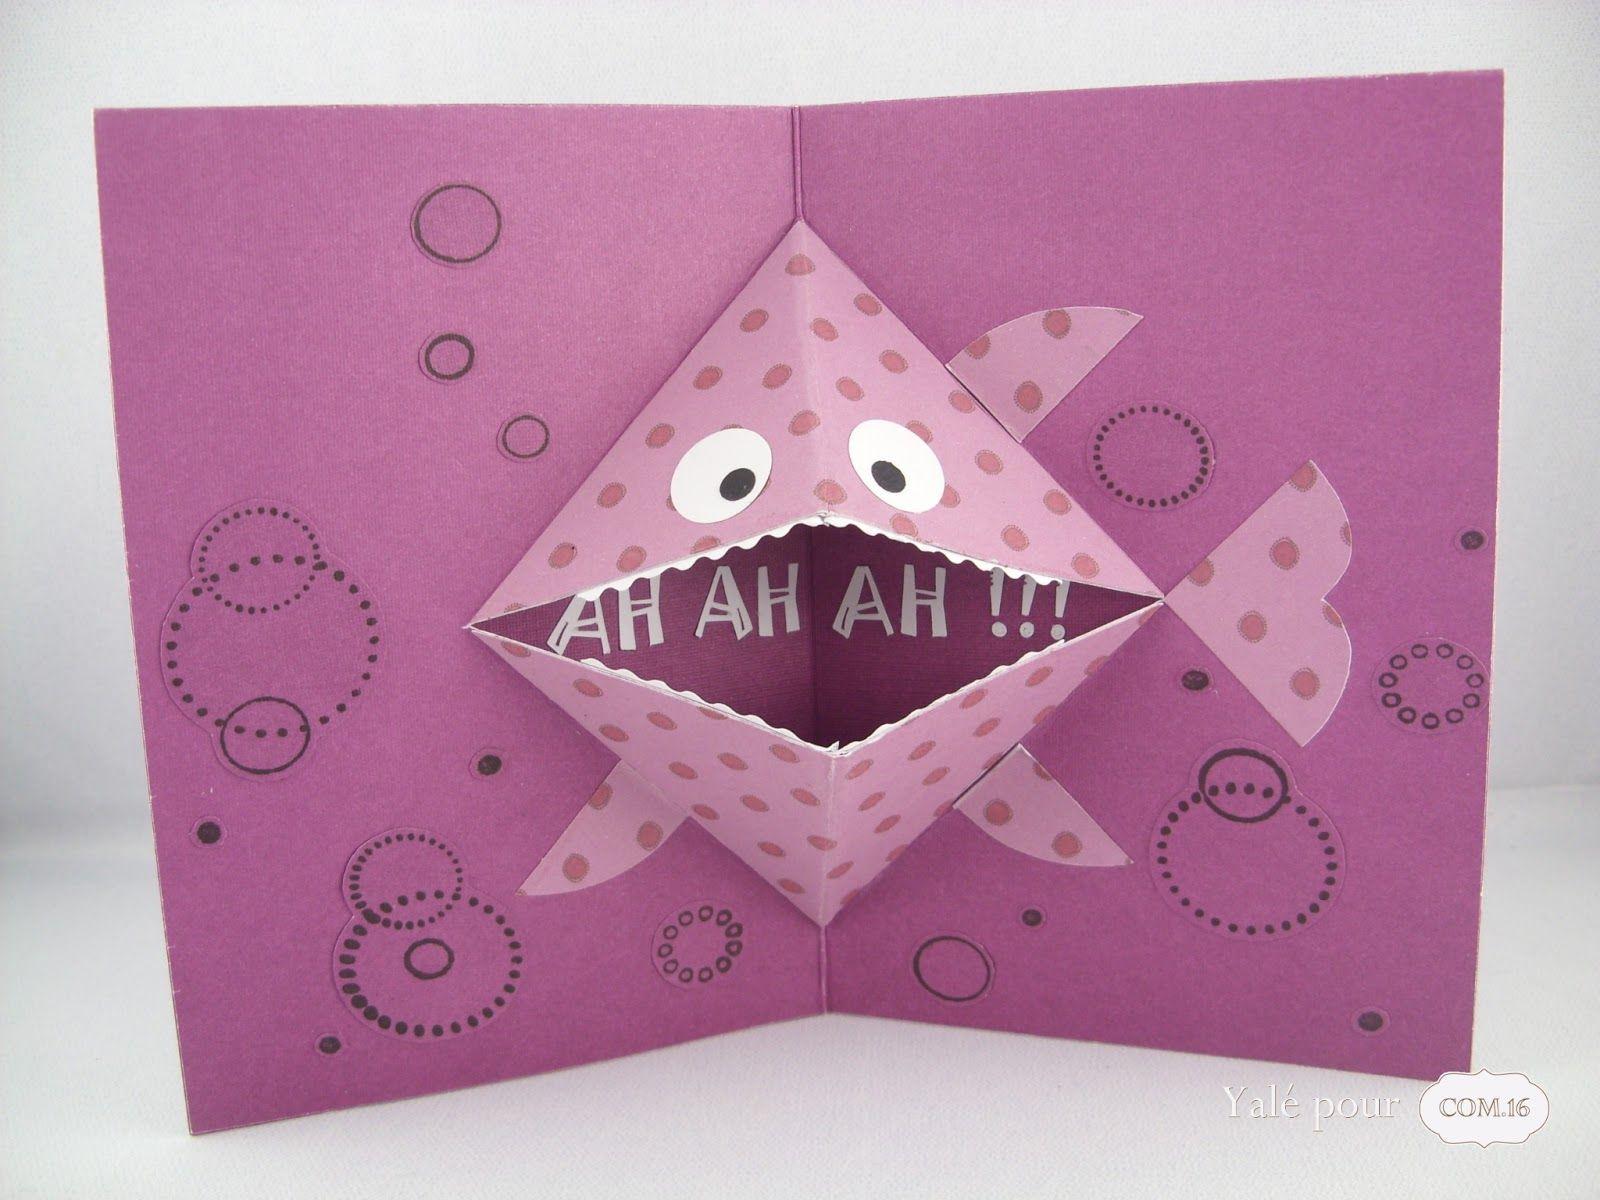 Papiers A4 Tlcharger Et Imprimer Pour Scrapbooking Kits Danniversaire Cartes De Visite Faire Part Papeterie